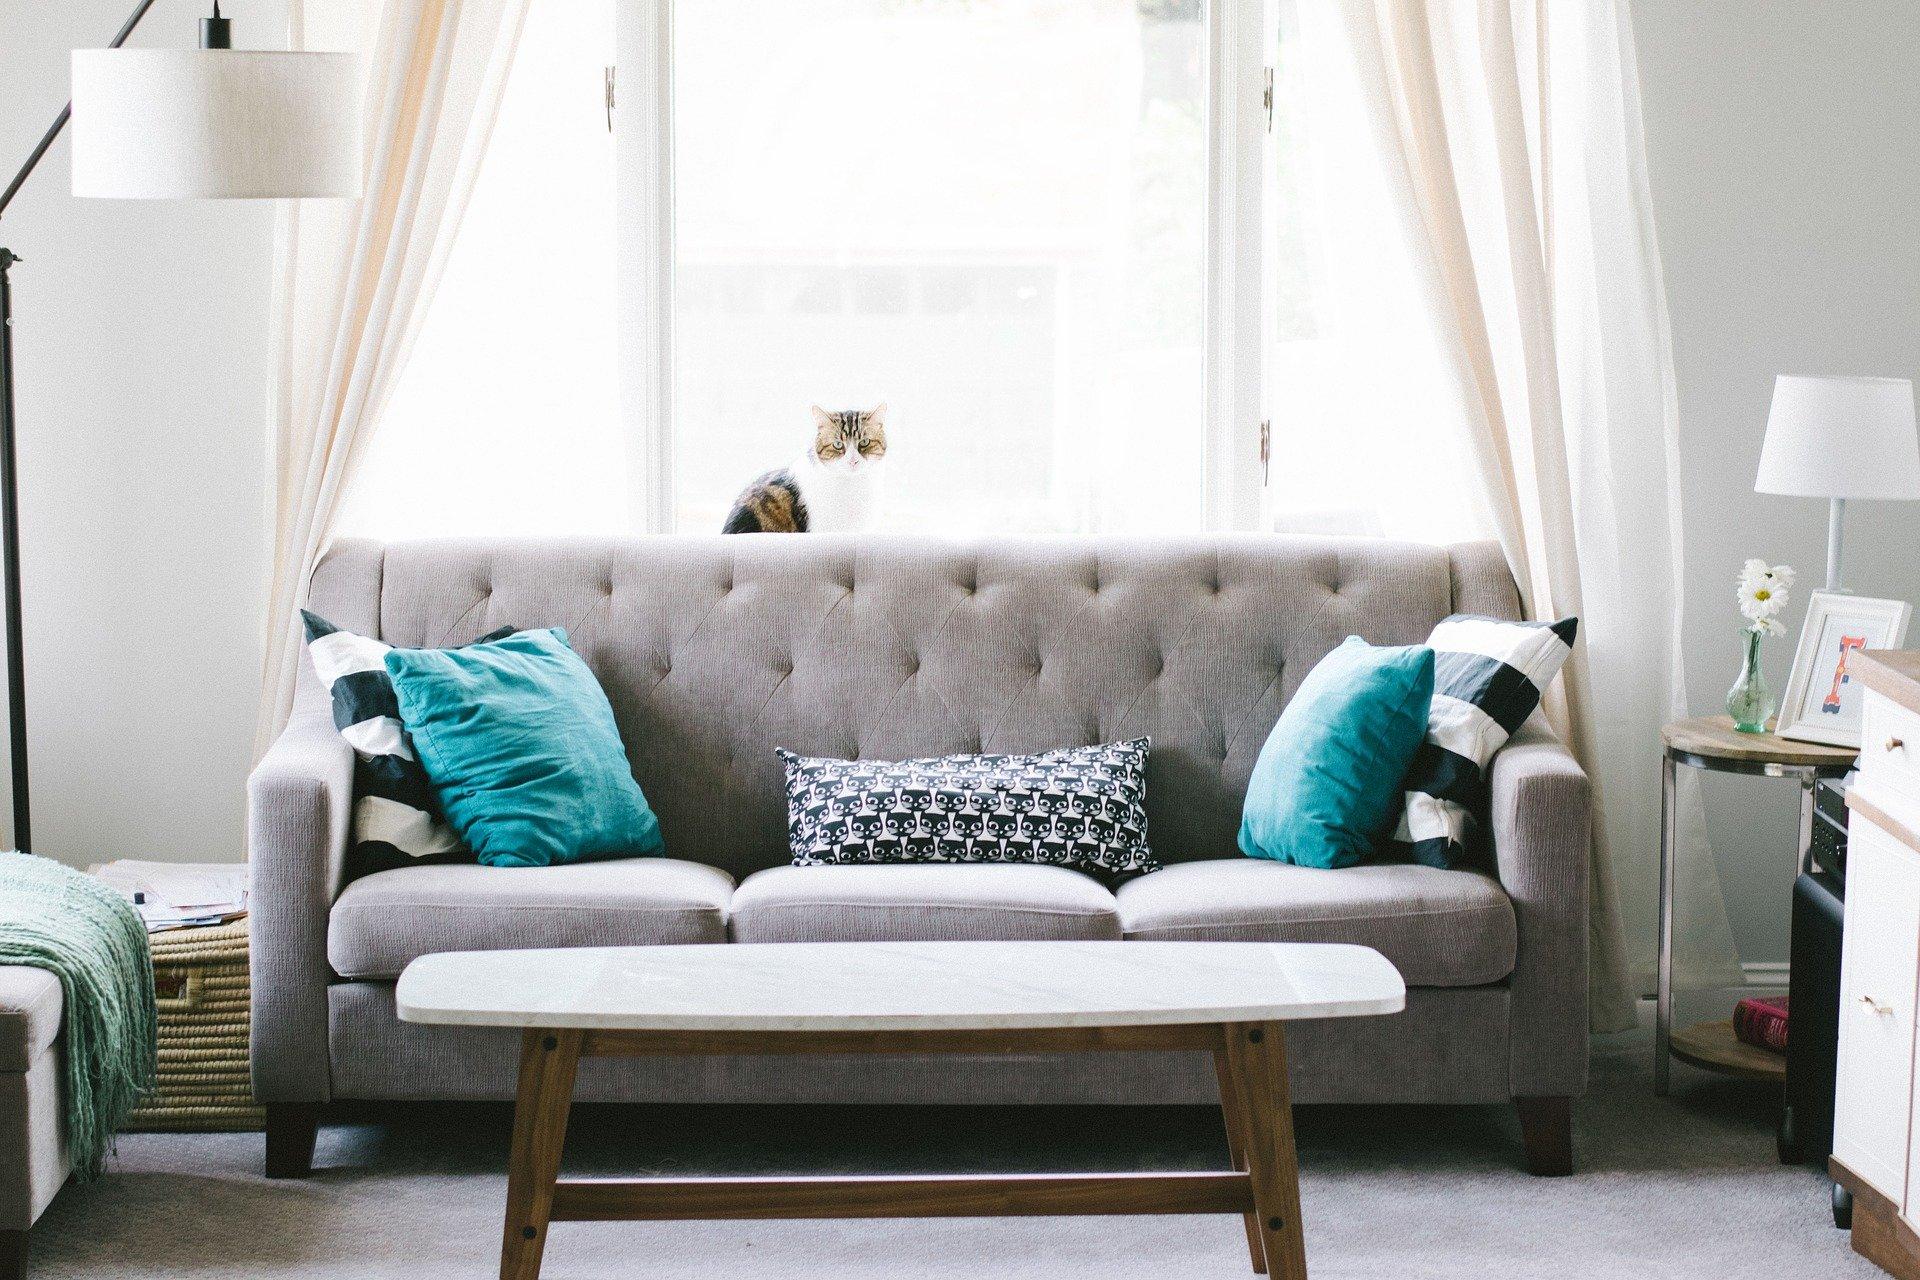 Как выбрать мягкую мебель: полезные советы